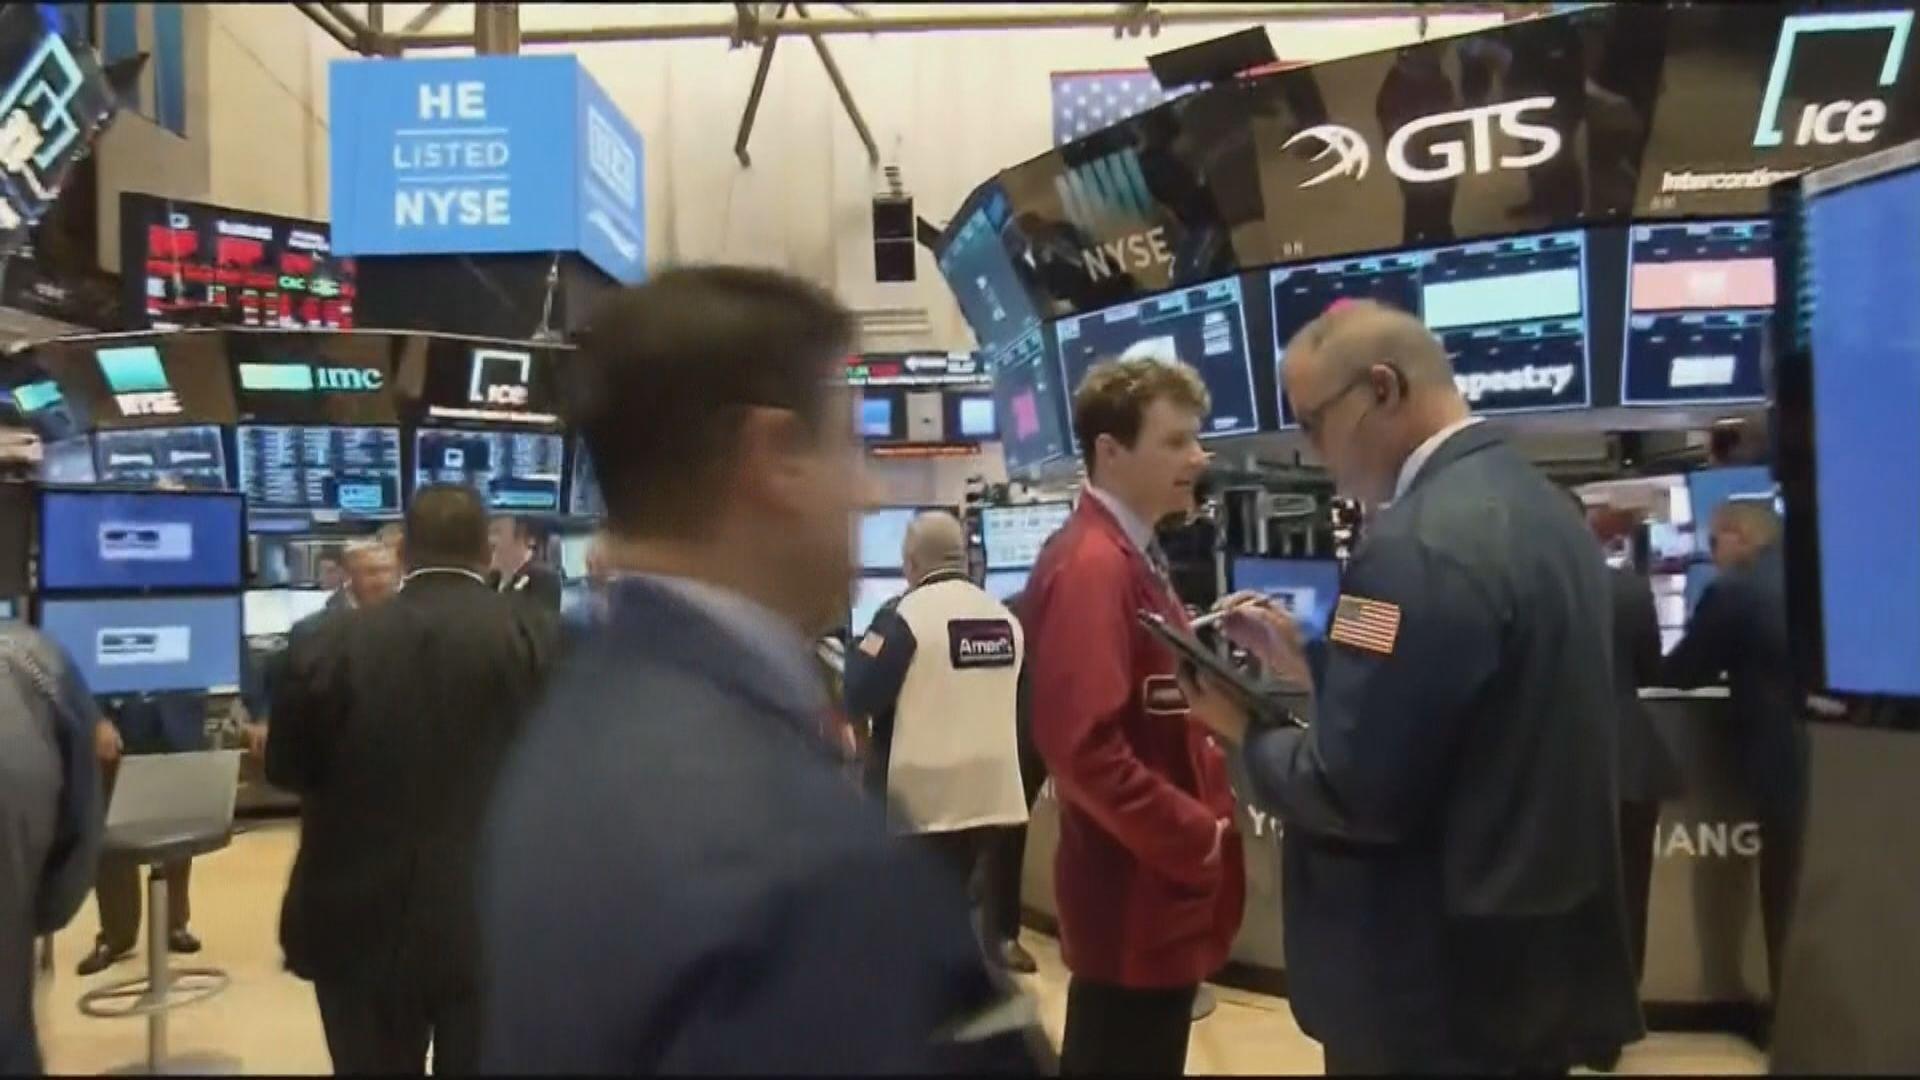 美股下挫約4% 因憂疫情打擊經濟及企業業績